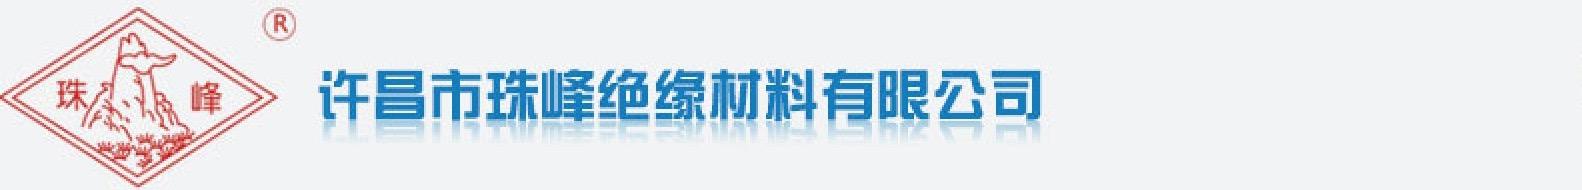 许昌珠峰绝缘材料